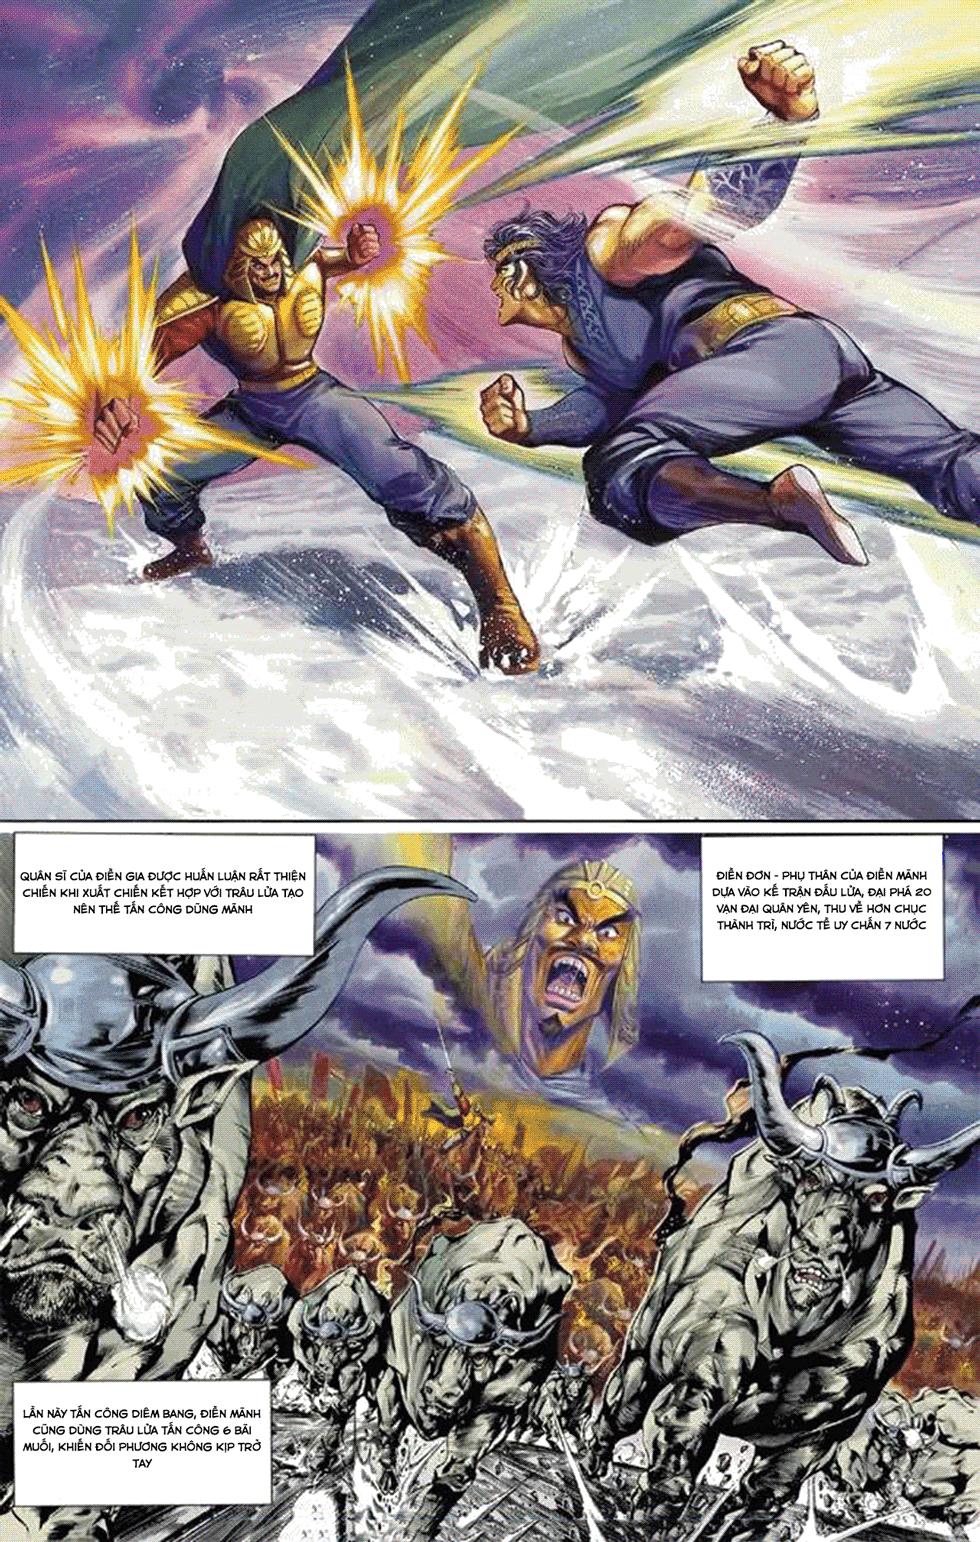 Tần Vương Doanh Chính chapter 9 trang 3